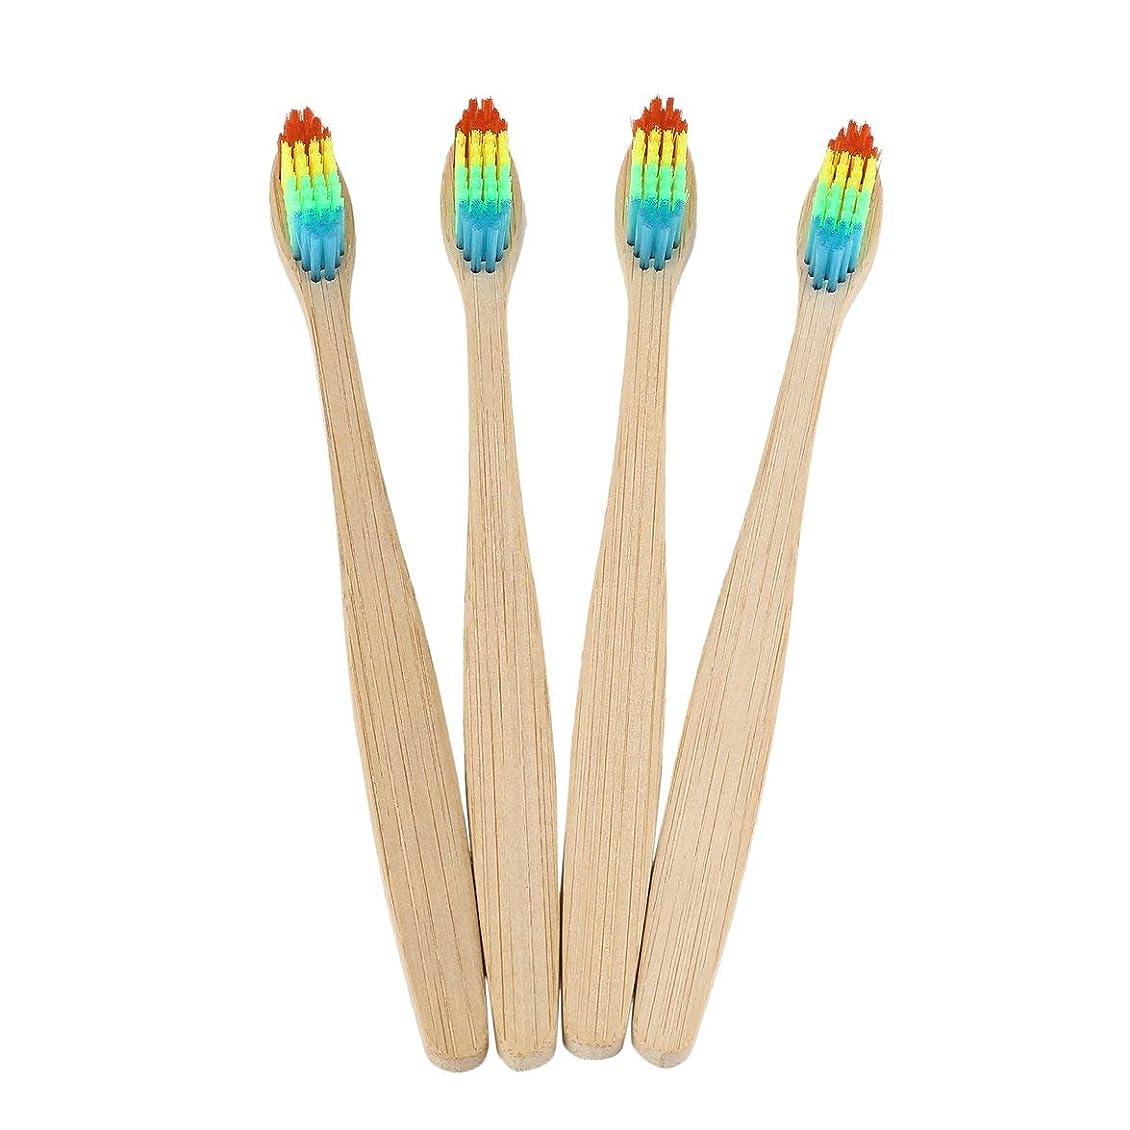 医学ペイントまさにカラフルな髪+竹のハンドル歯ブラシ環境木製の虹竹の歯ブラシオーラルケアソフト剛毛ユニセックス - ウッドカラー+カラフル